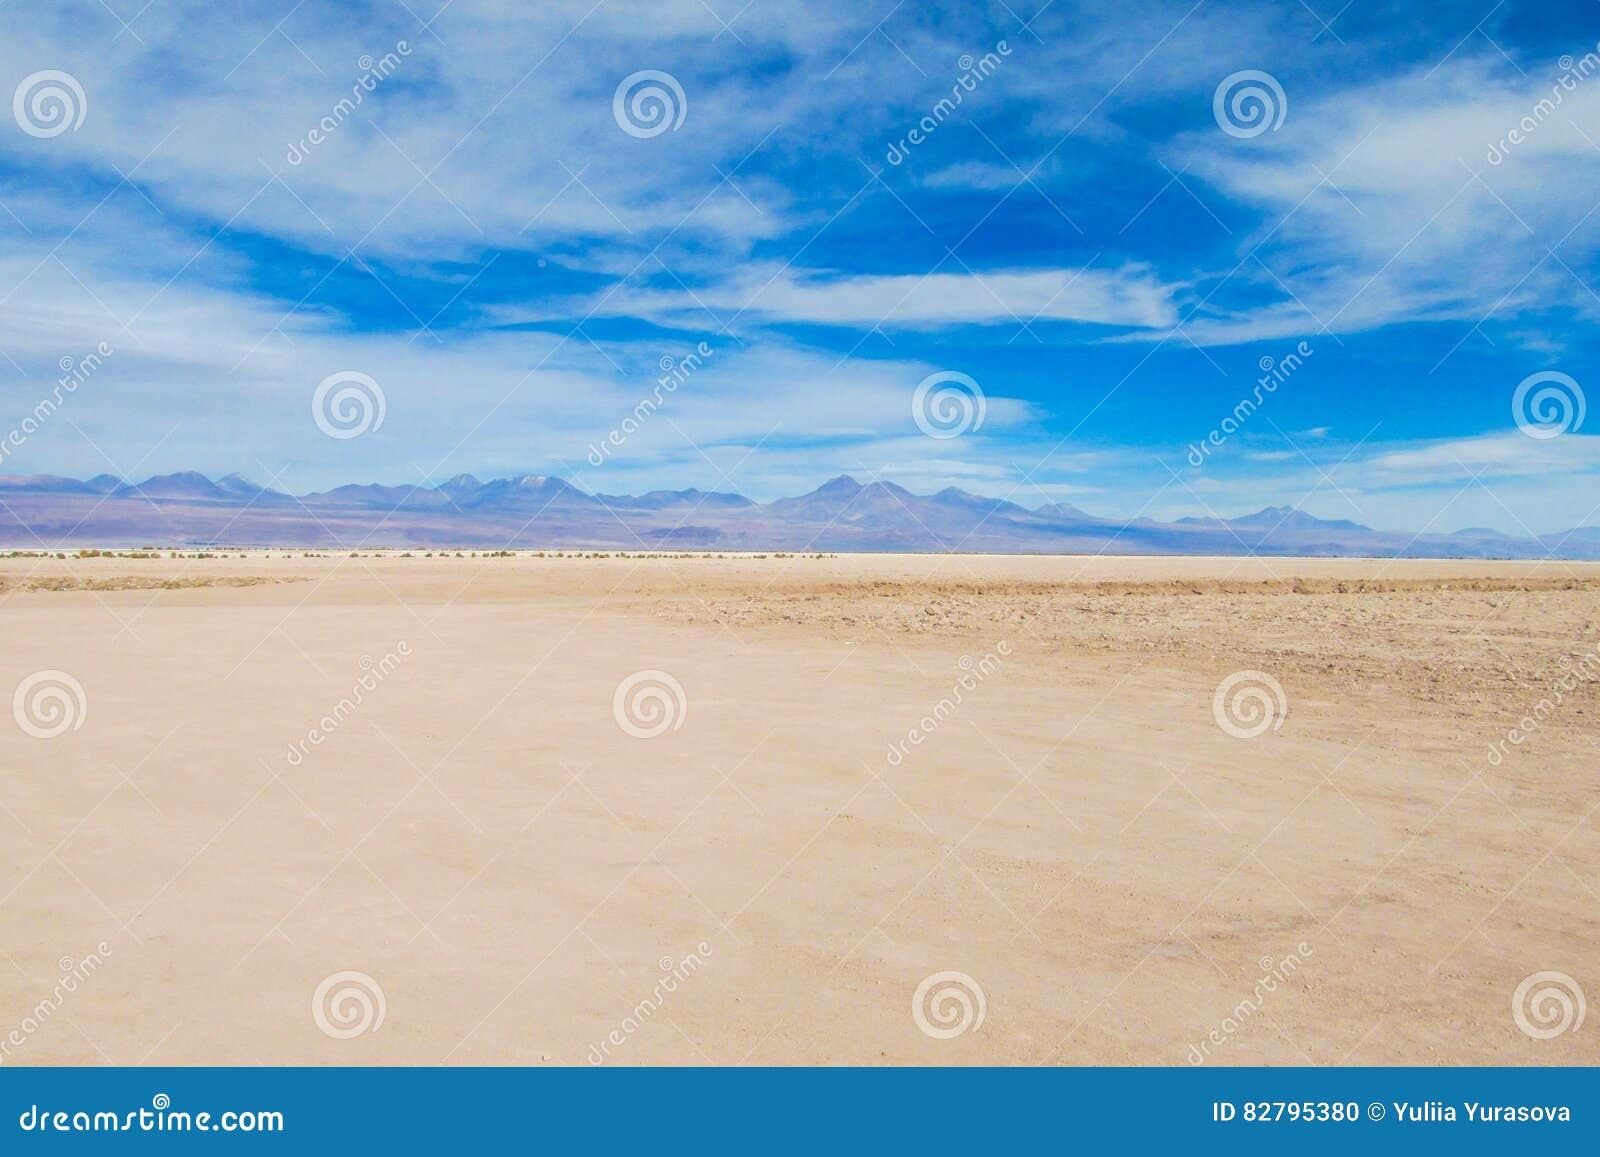 Het vlakke land van de Atacamawoestijn